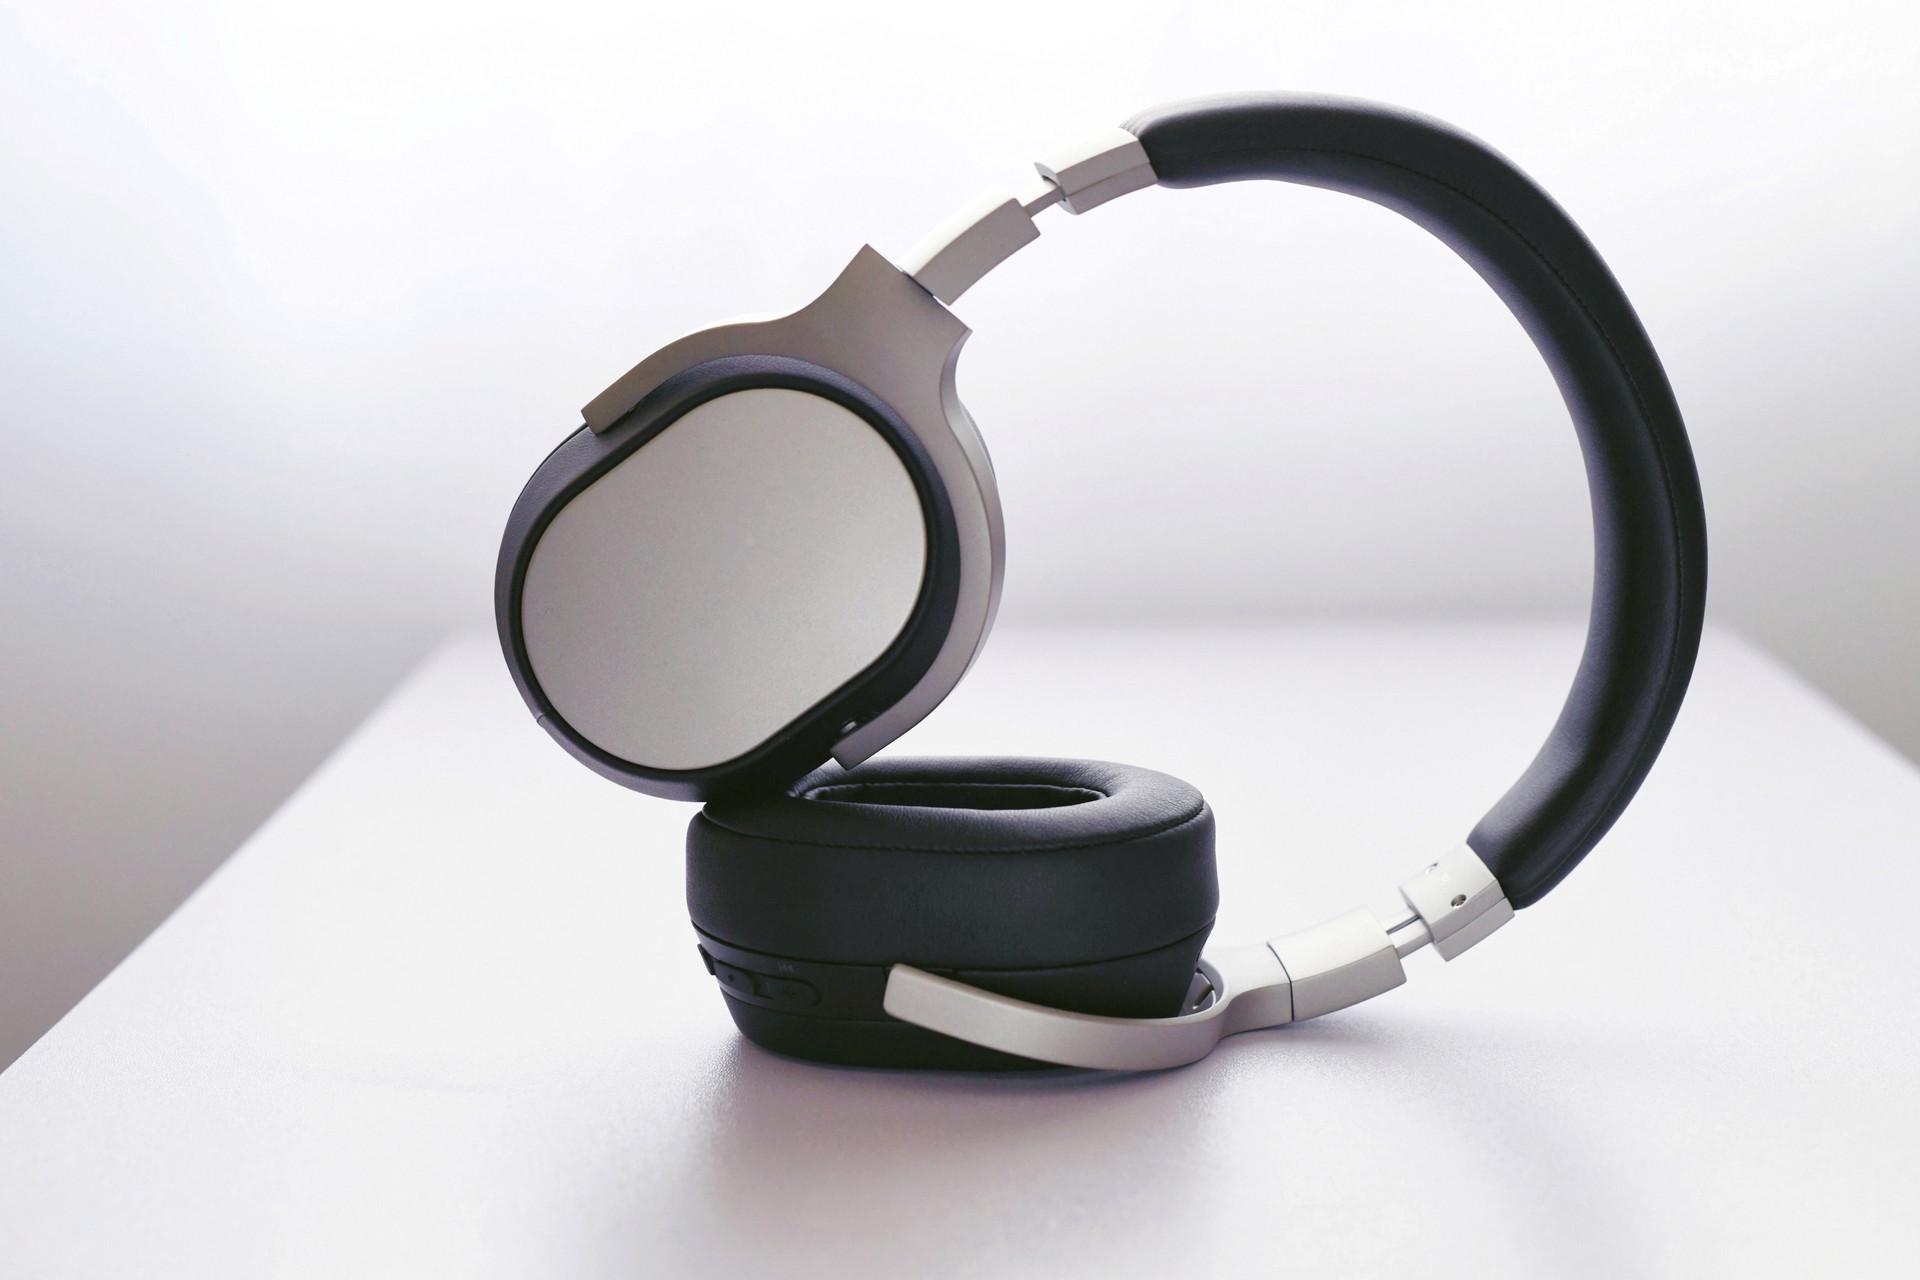 Surface�^戴�o�降噪耳�C2�l布:�m航更�L 音�|更好